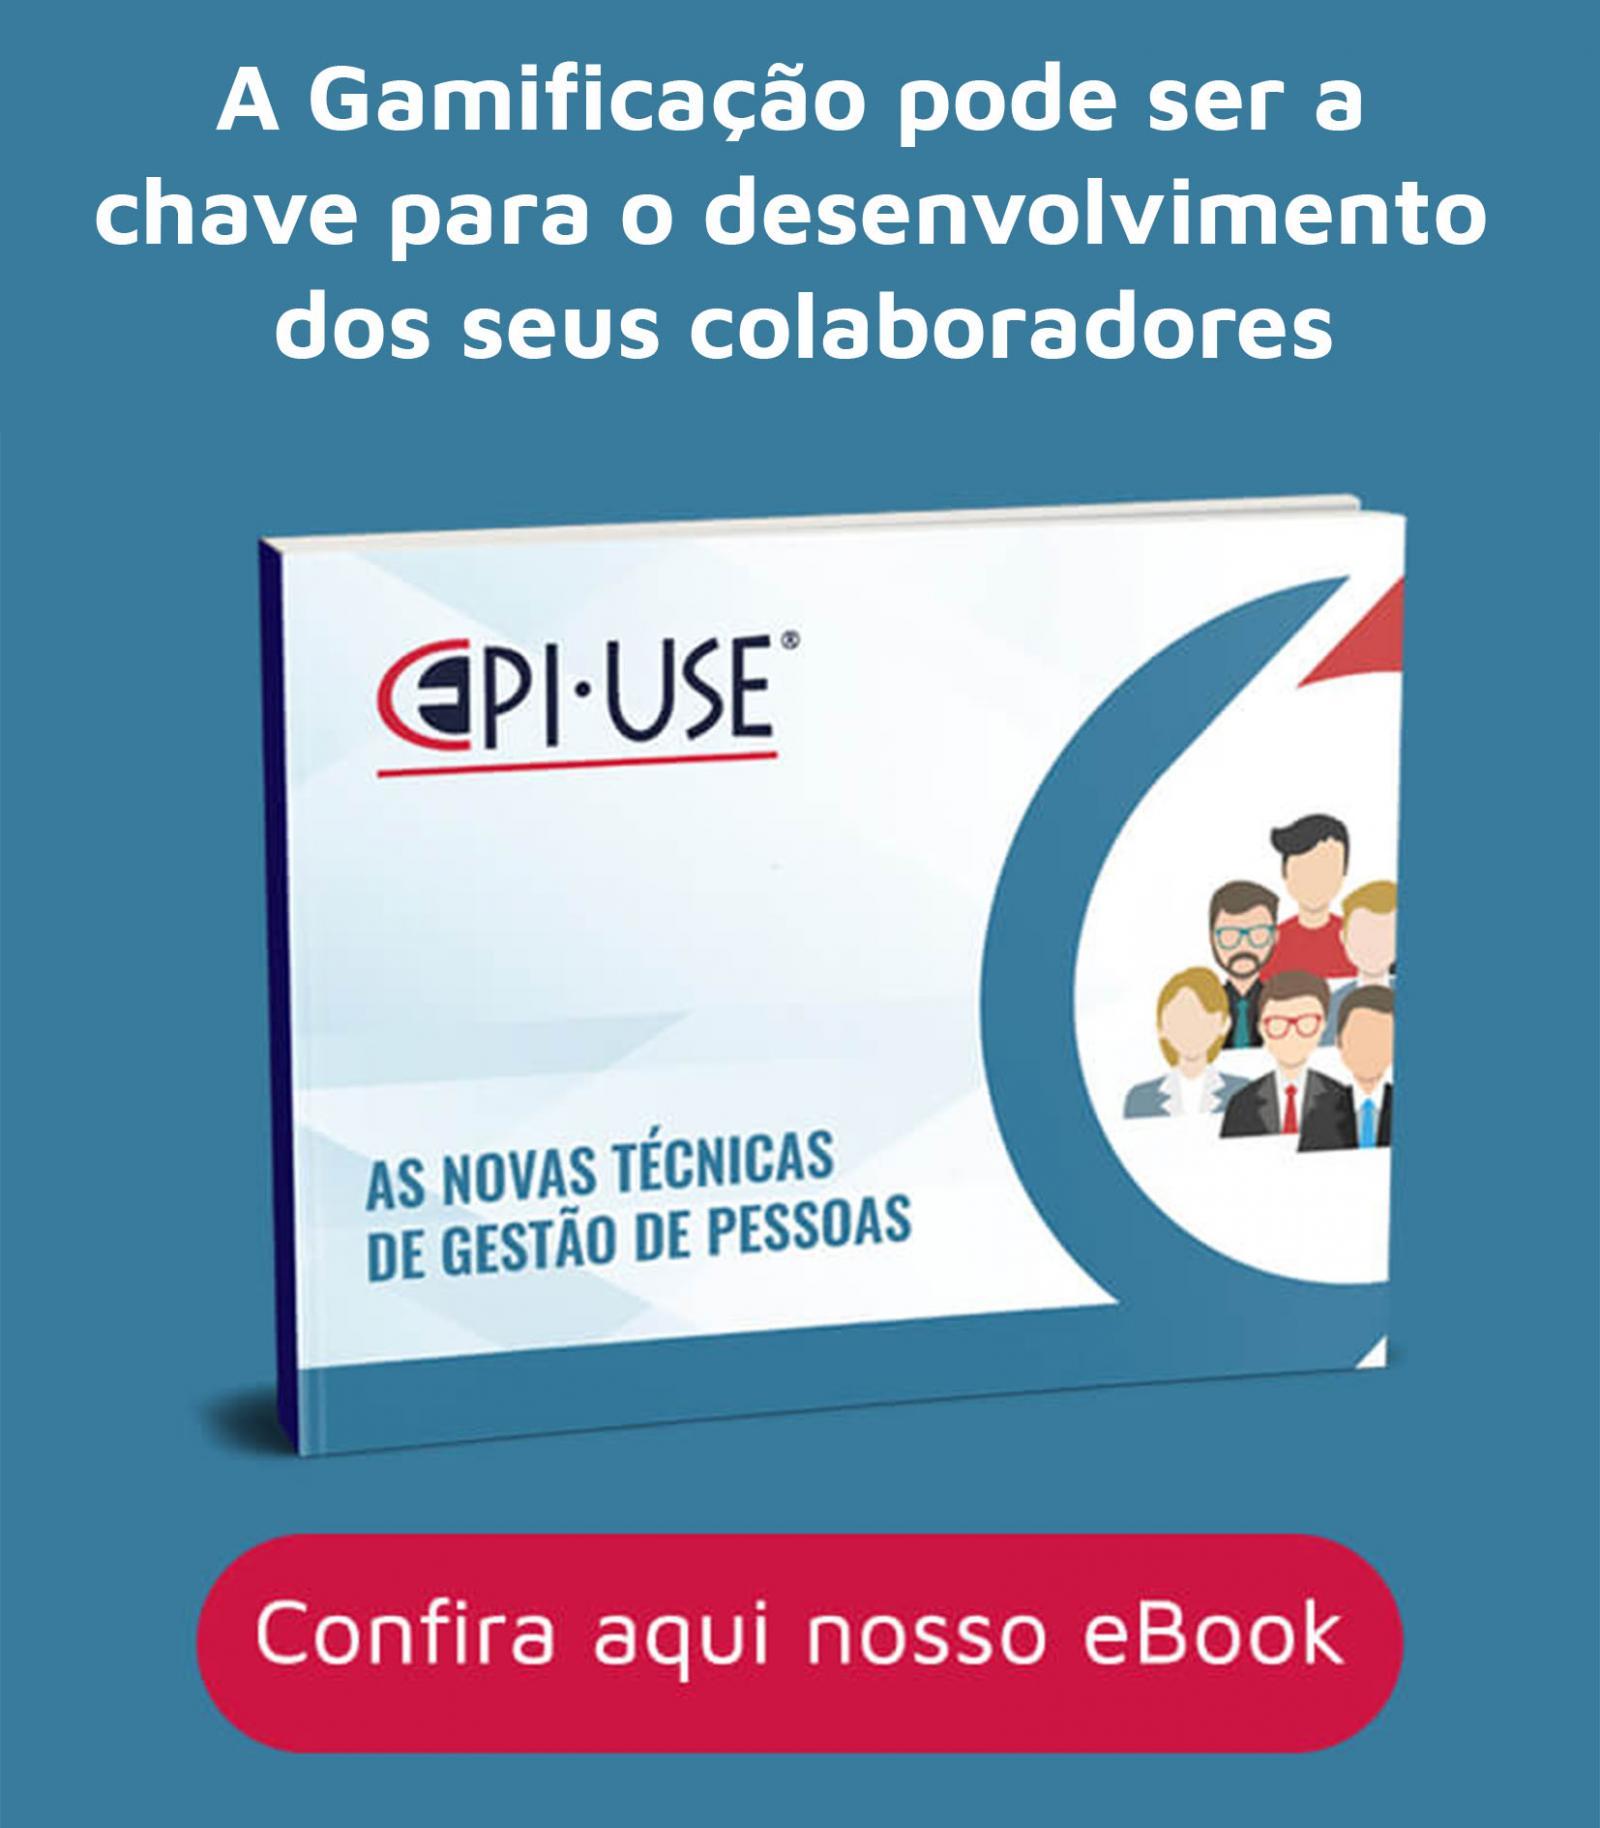 ASUG Brasil promoveu encontro sobre transformação criativa